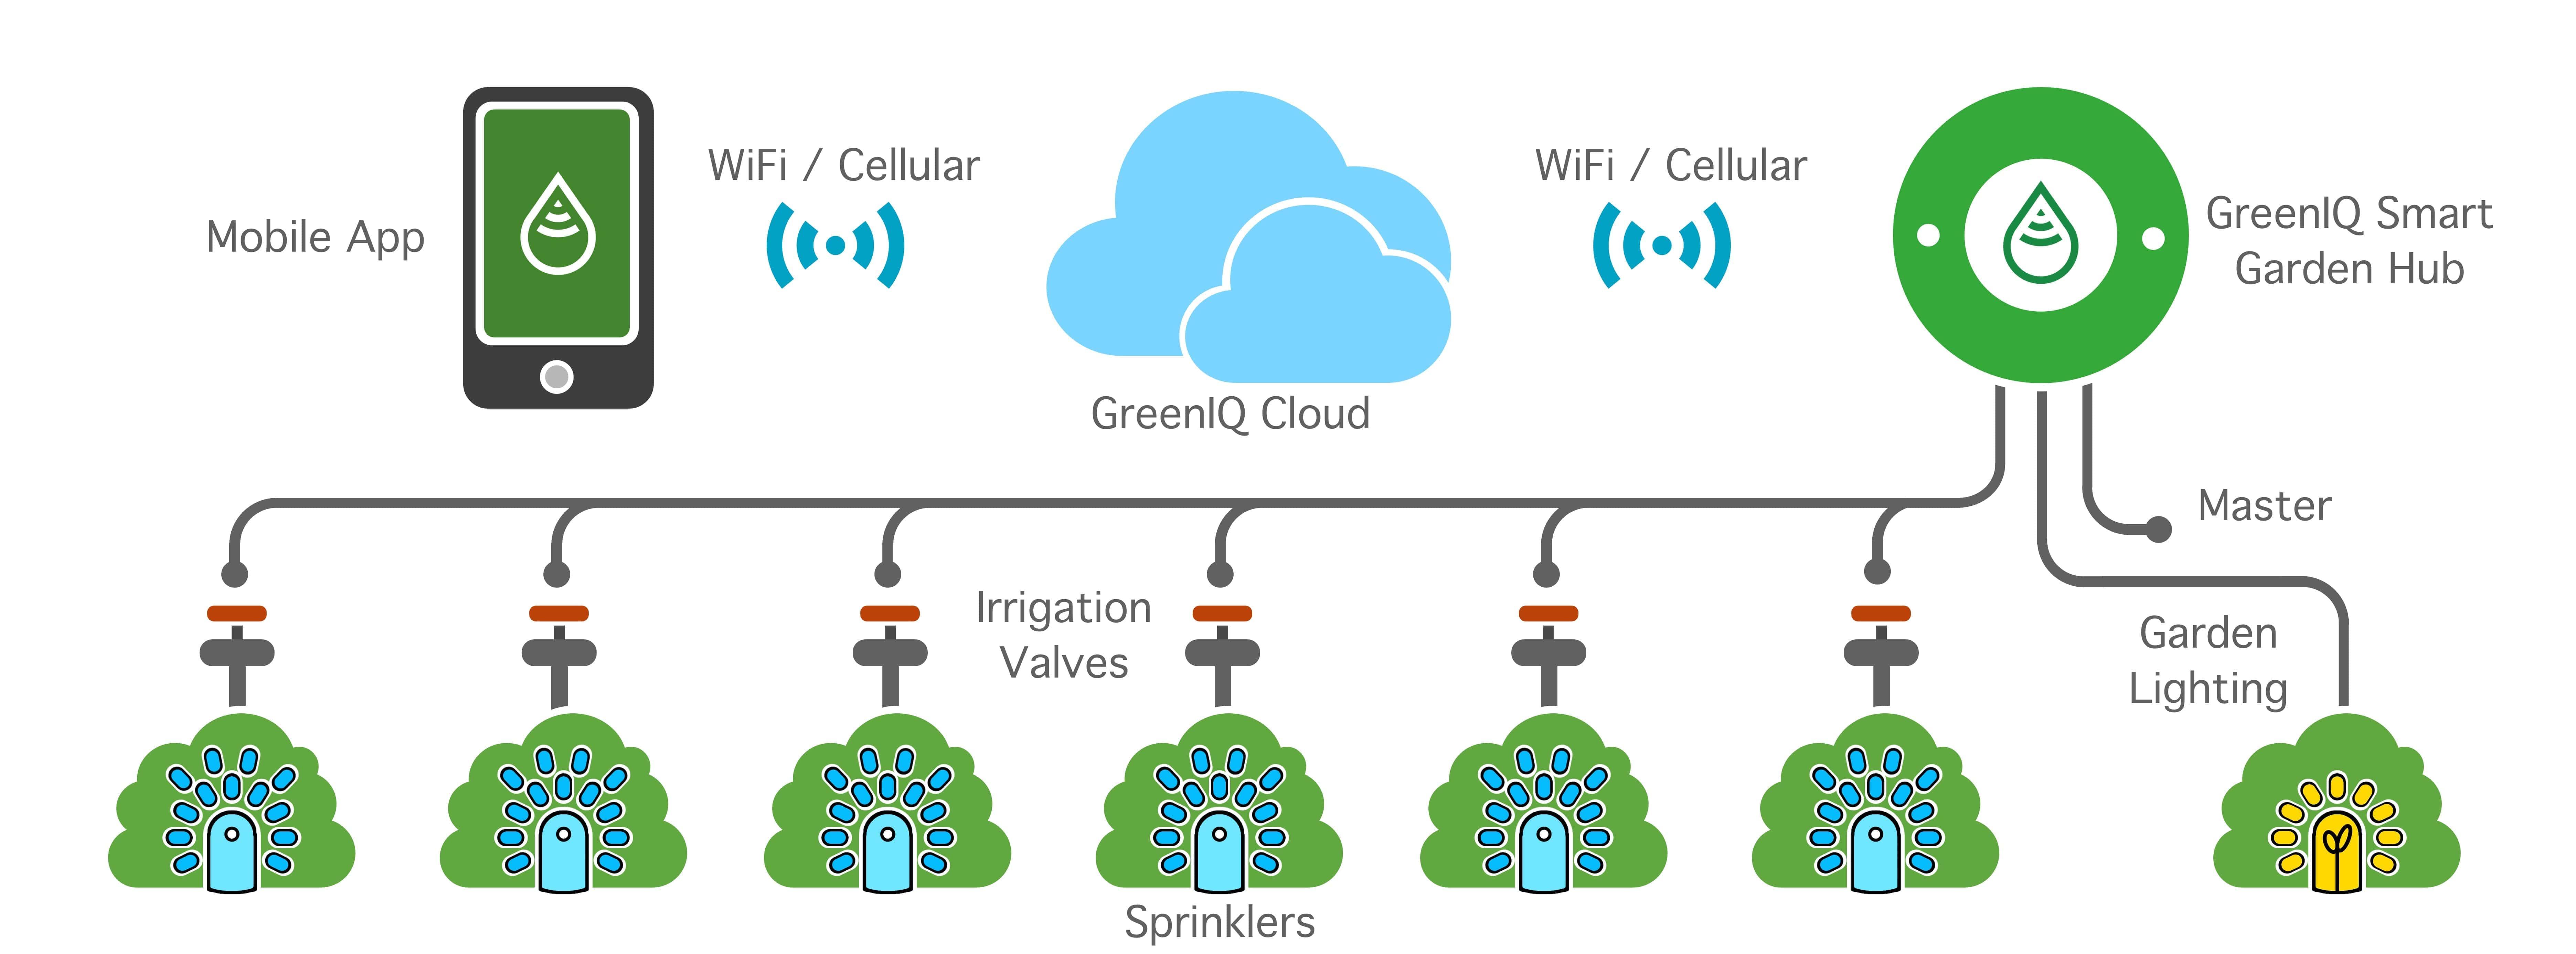 Circuito Wifi : Controlador de riego inteligente wifi desde el móvil o tablet